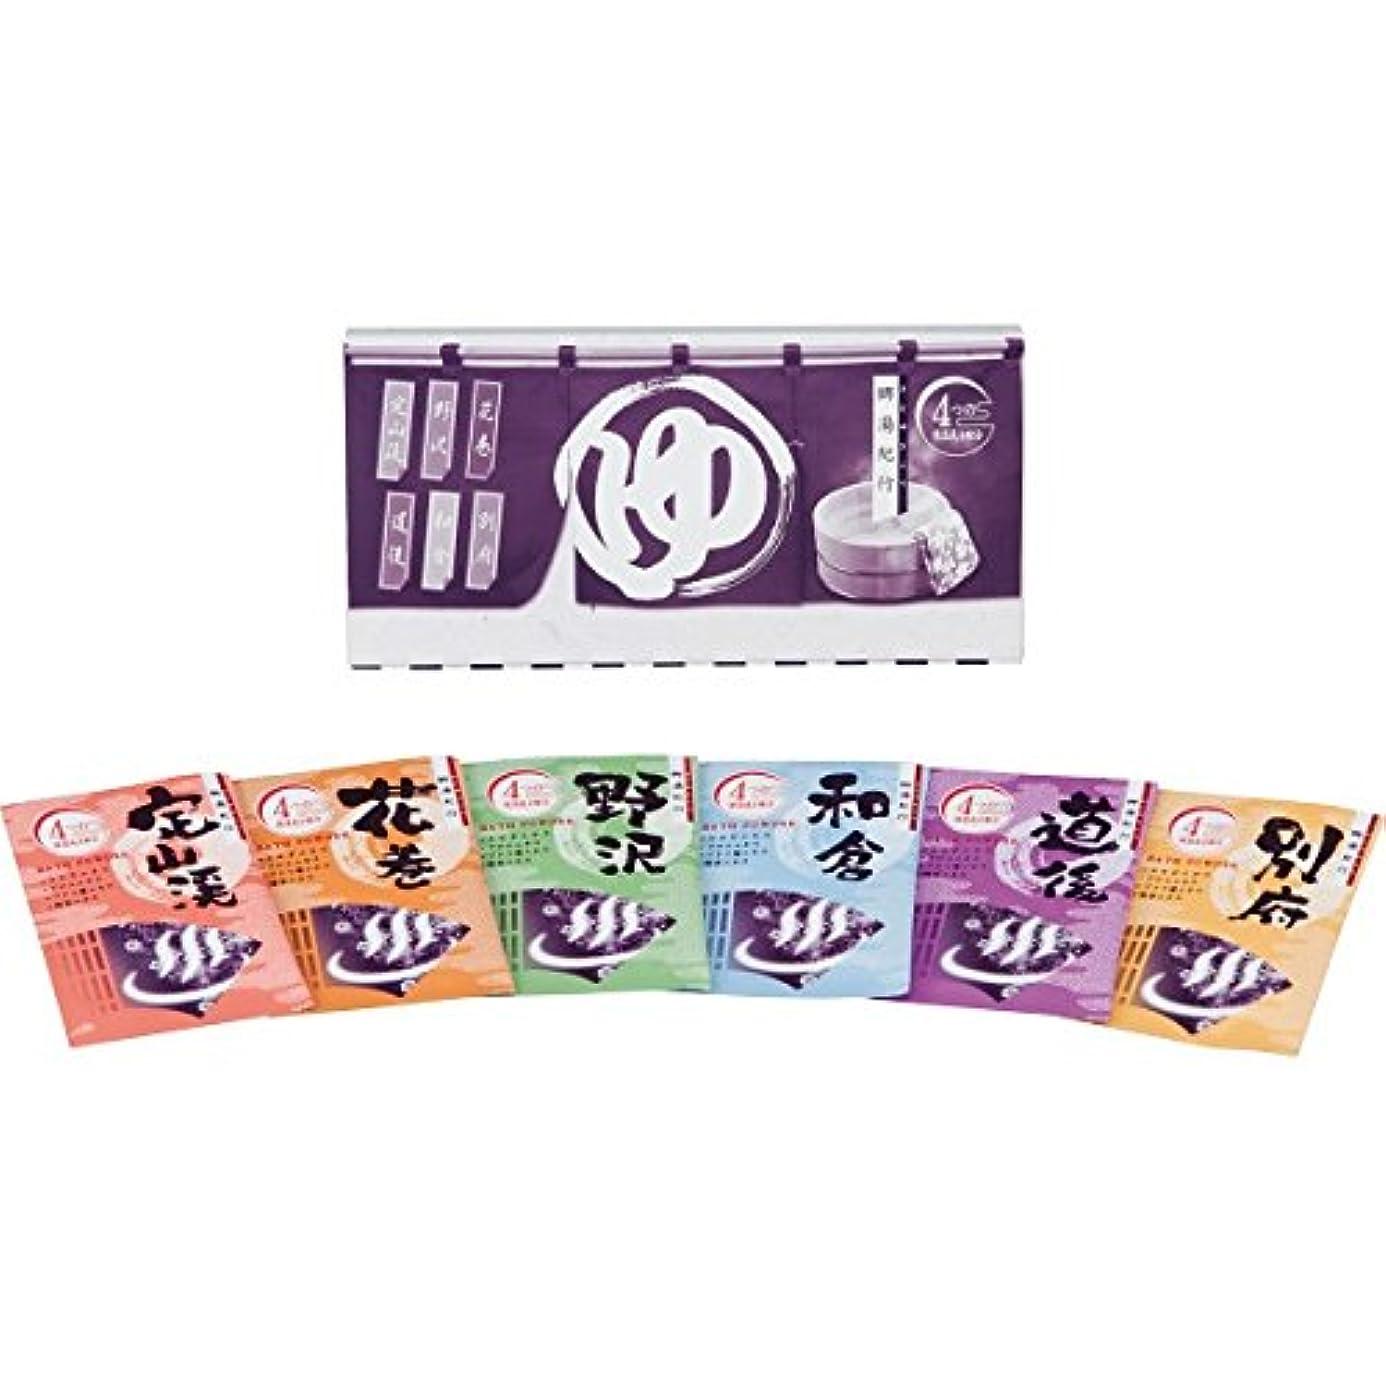 時系列広げる証書薬用入浴剤 郷湯紀行(6包入) 6SS506